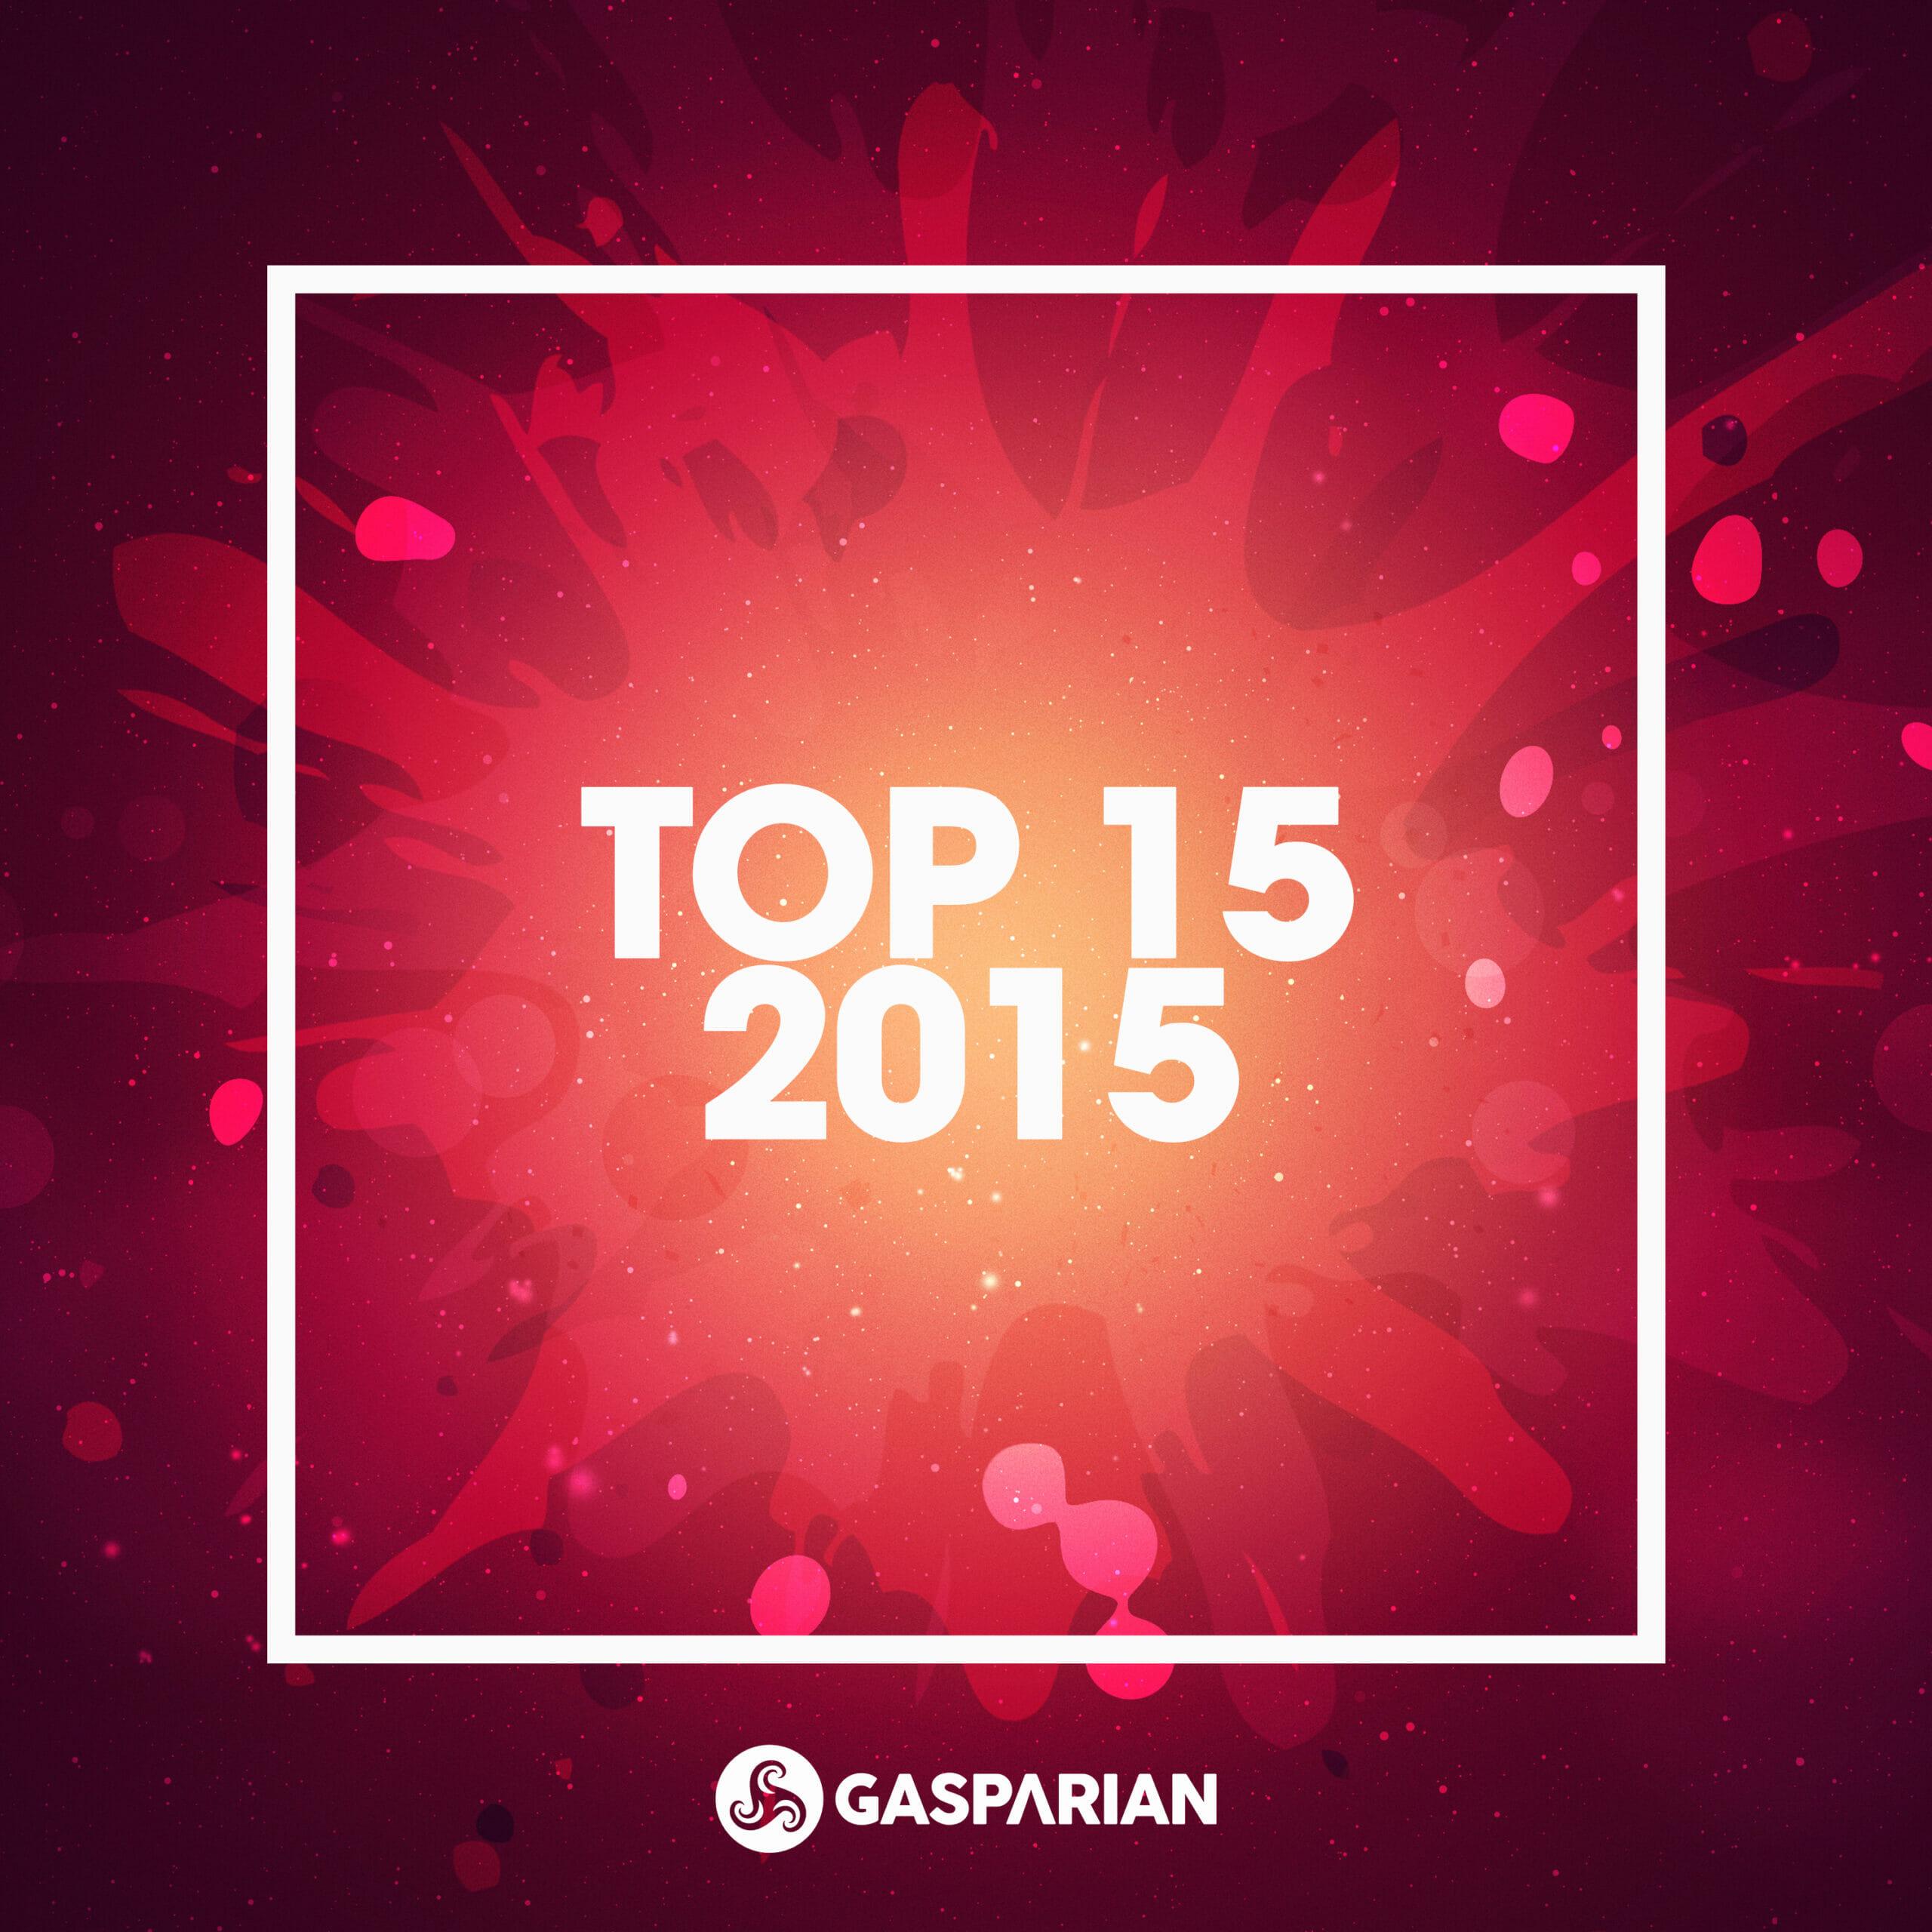 Top 15 | 2015